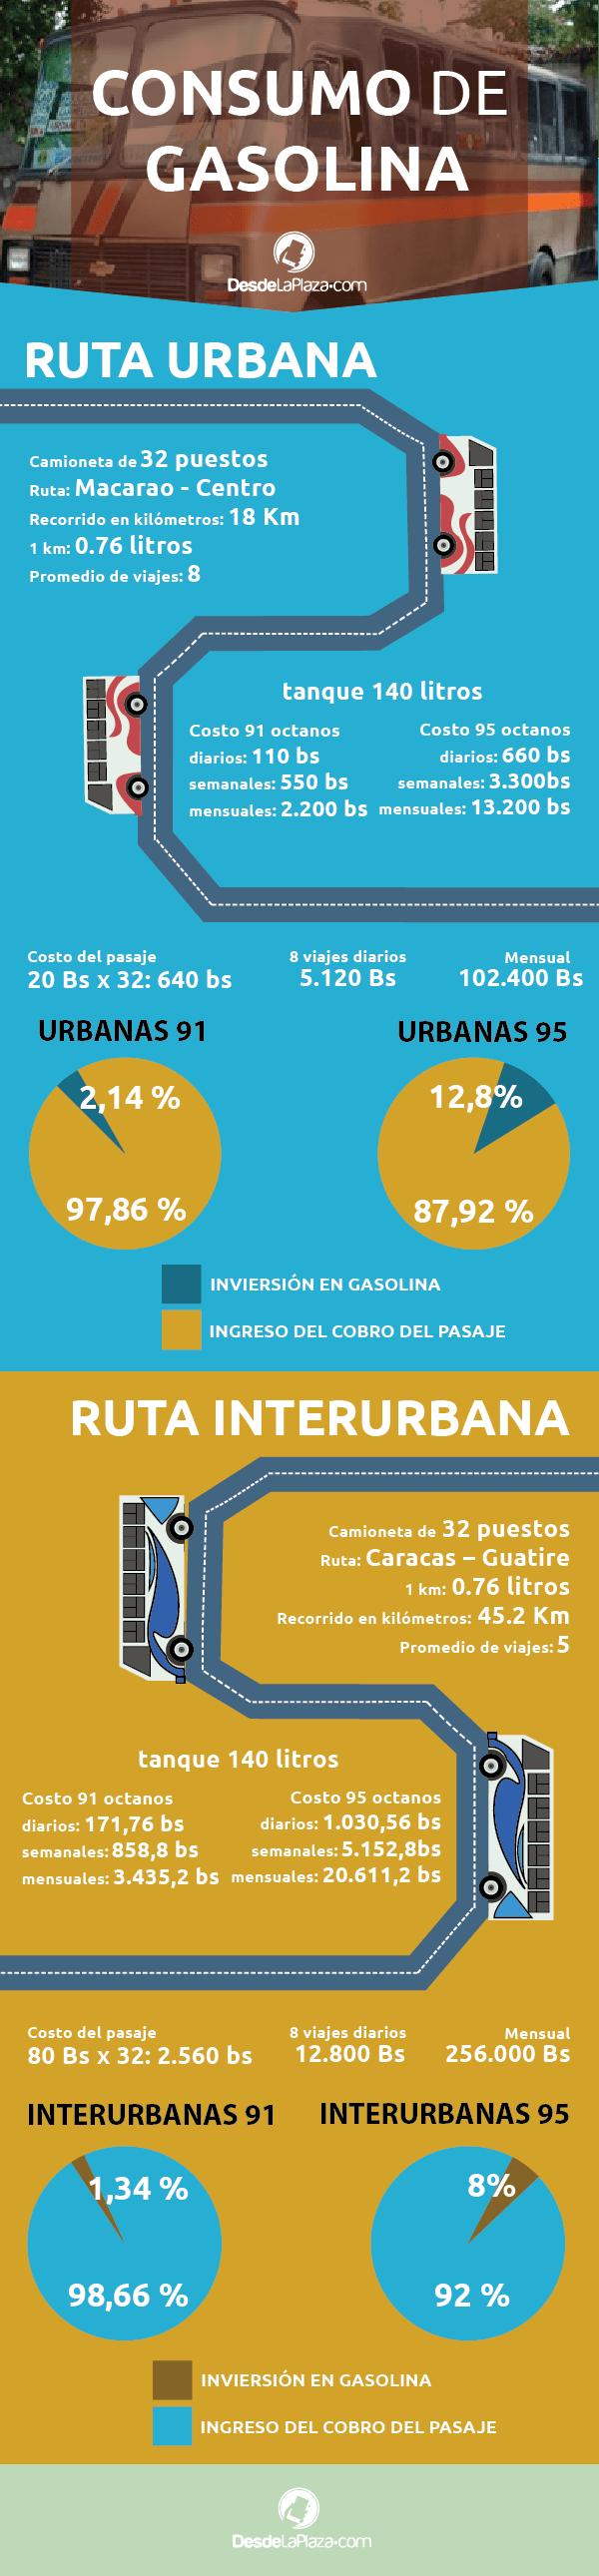 infografía-01